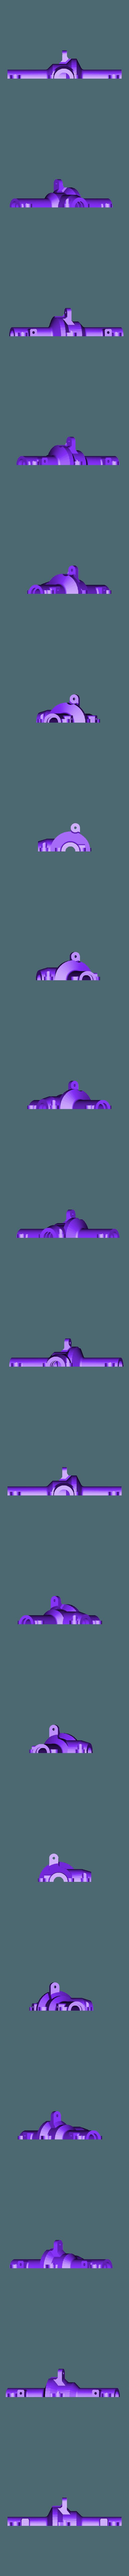 TruckV3_Axle1_rear_top.STL Download STL file 3D Printed RC Truck V3 • 3D print model, MrCrankyface